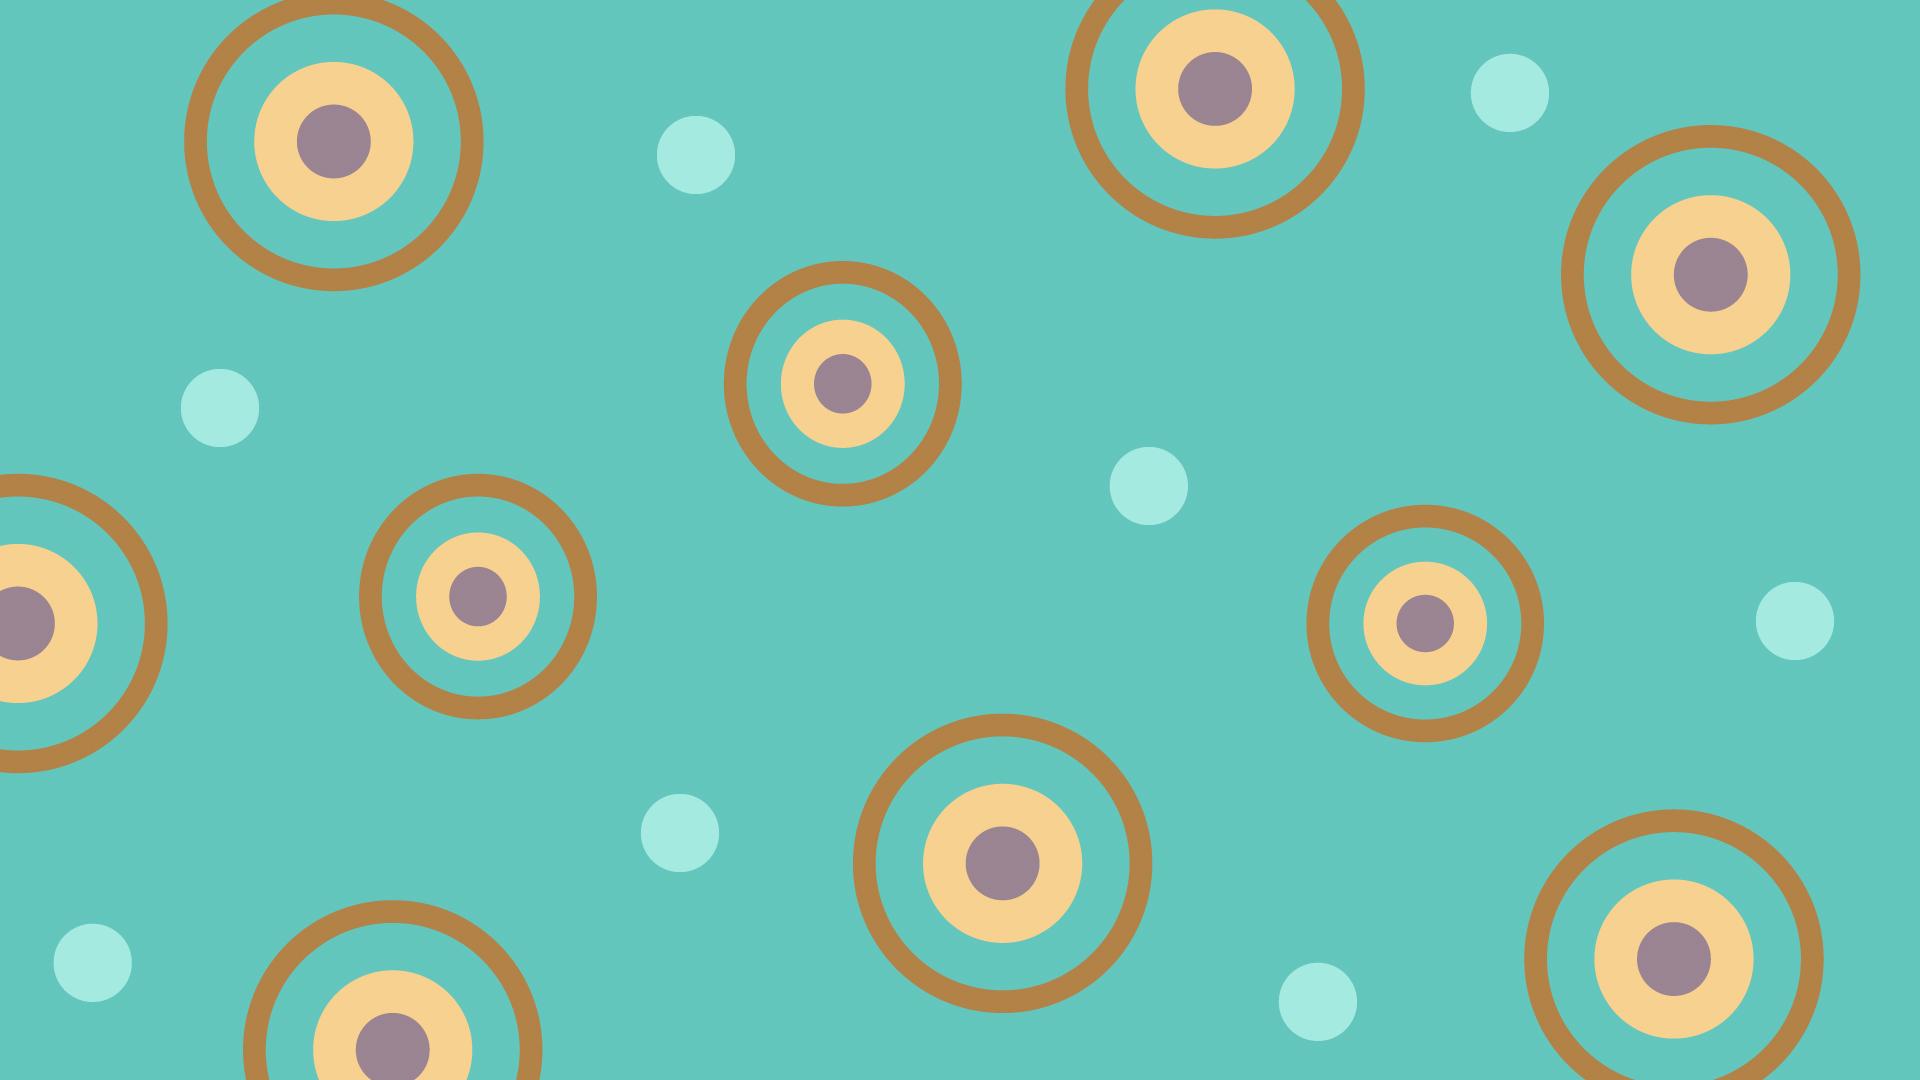 丸い模様とパステル調の壁紙・背景素材 1,920px×1,080px